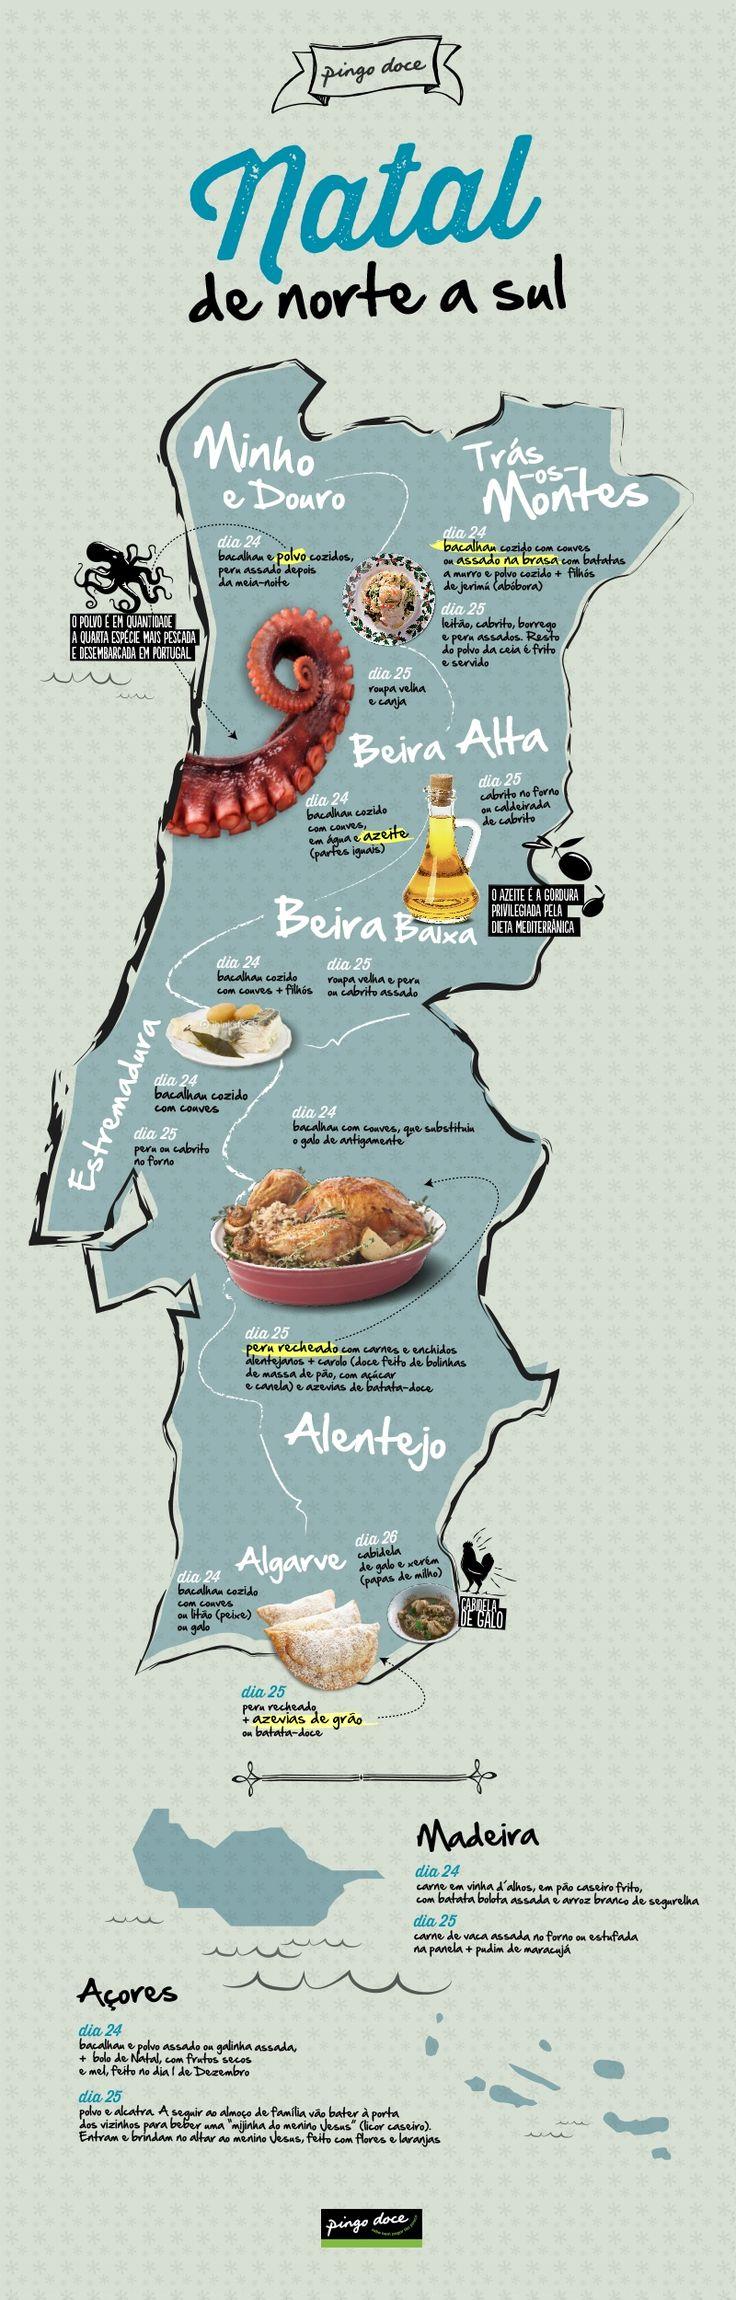 Infografias Pingo Doce: Tradições de Norte a Sul do país no Natal. Conheça os pratos típicos e tradicionais de cada região de Portugal.